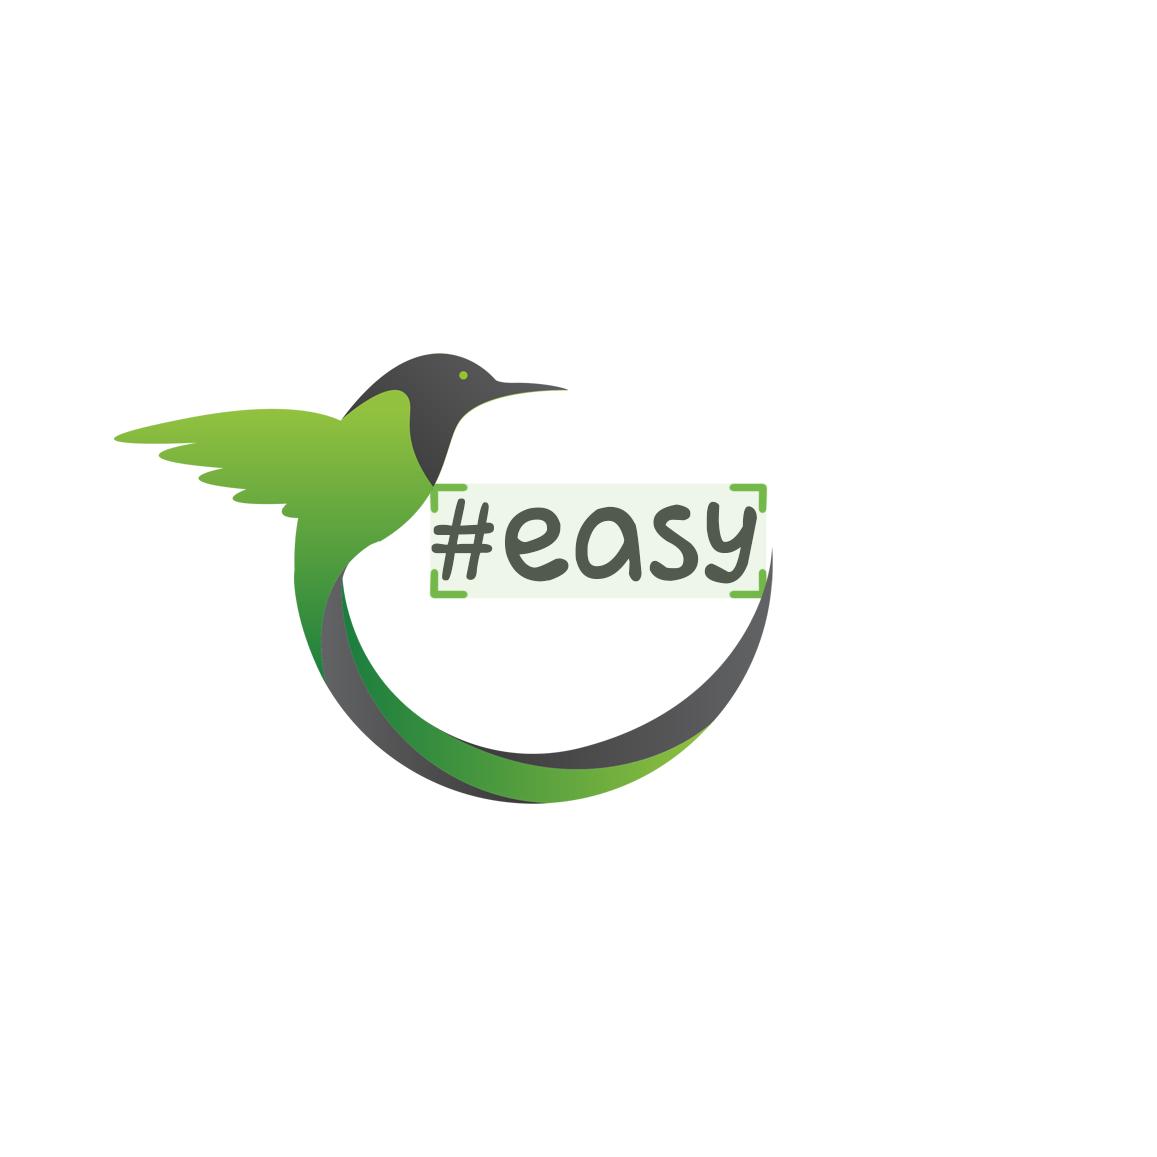 Разработка логотипа в виде хэштега #easy с зеленой колибри  фото f_1215d4d732c69278.png